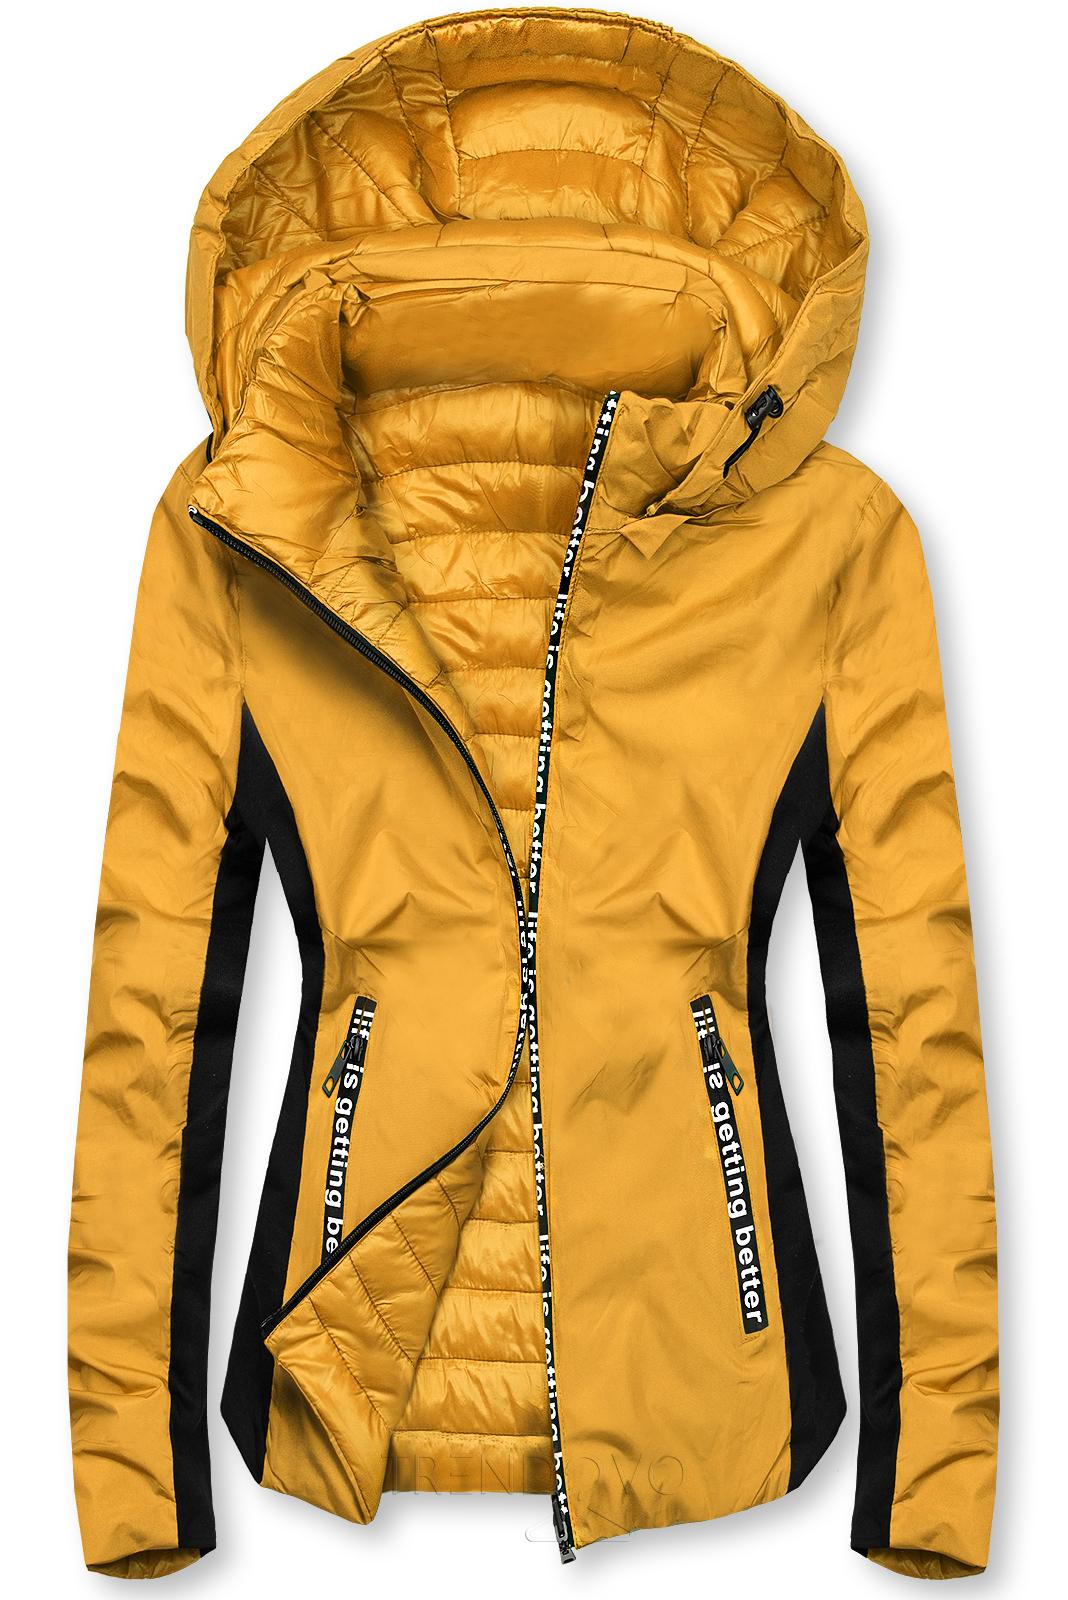 Žlutá sportovní oboustranná bunda